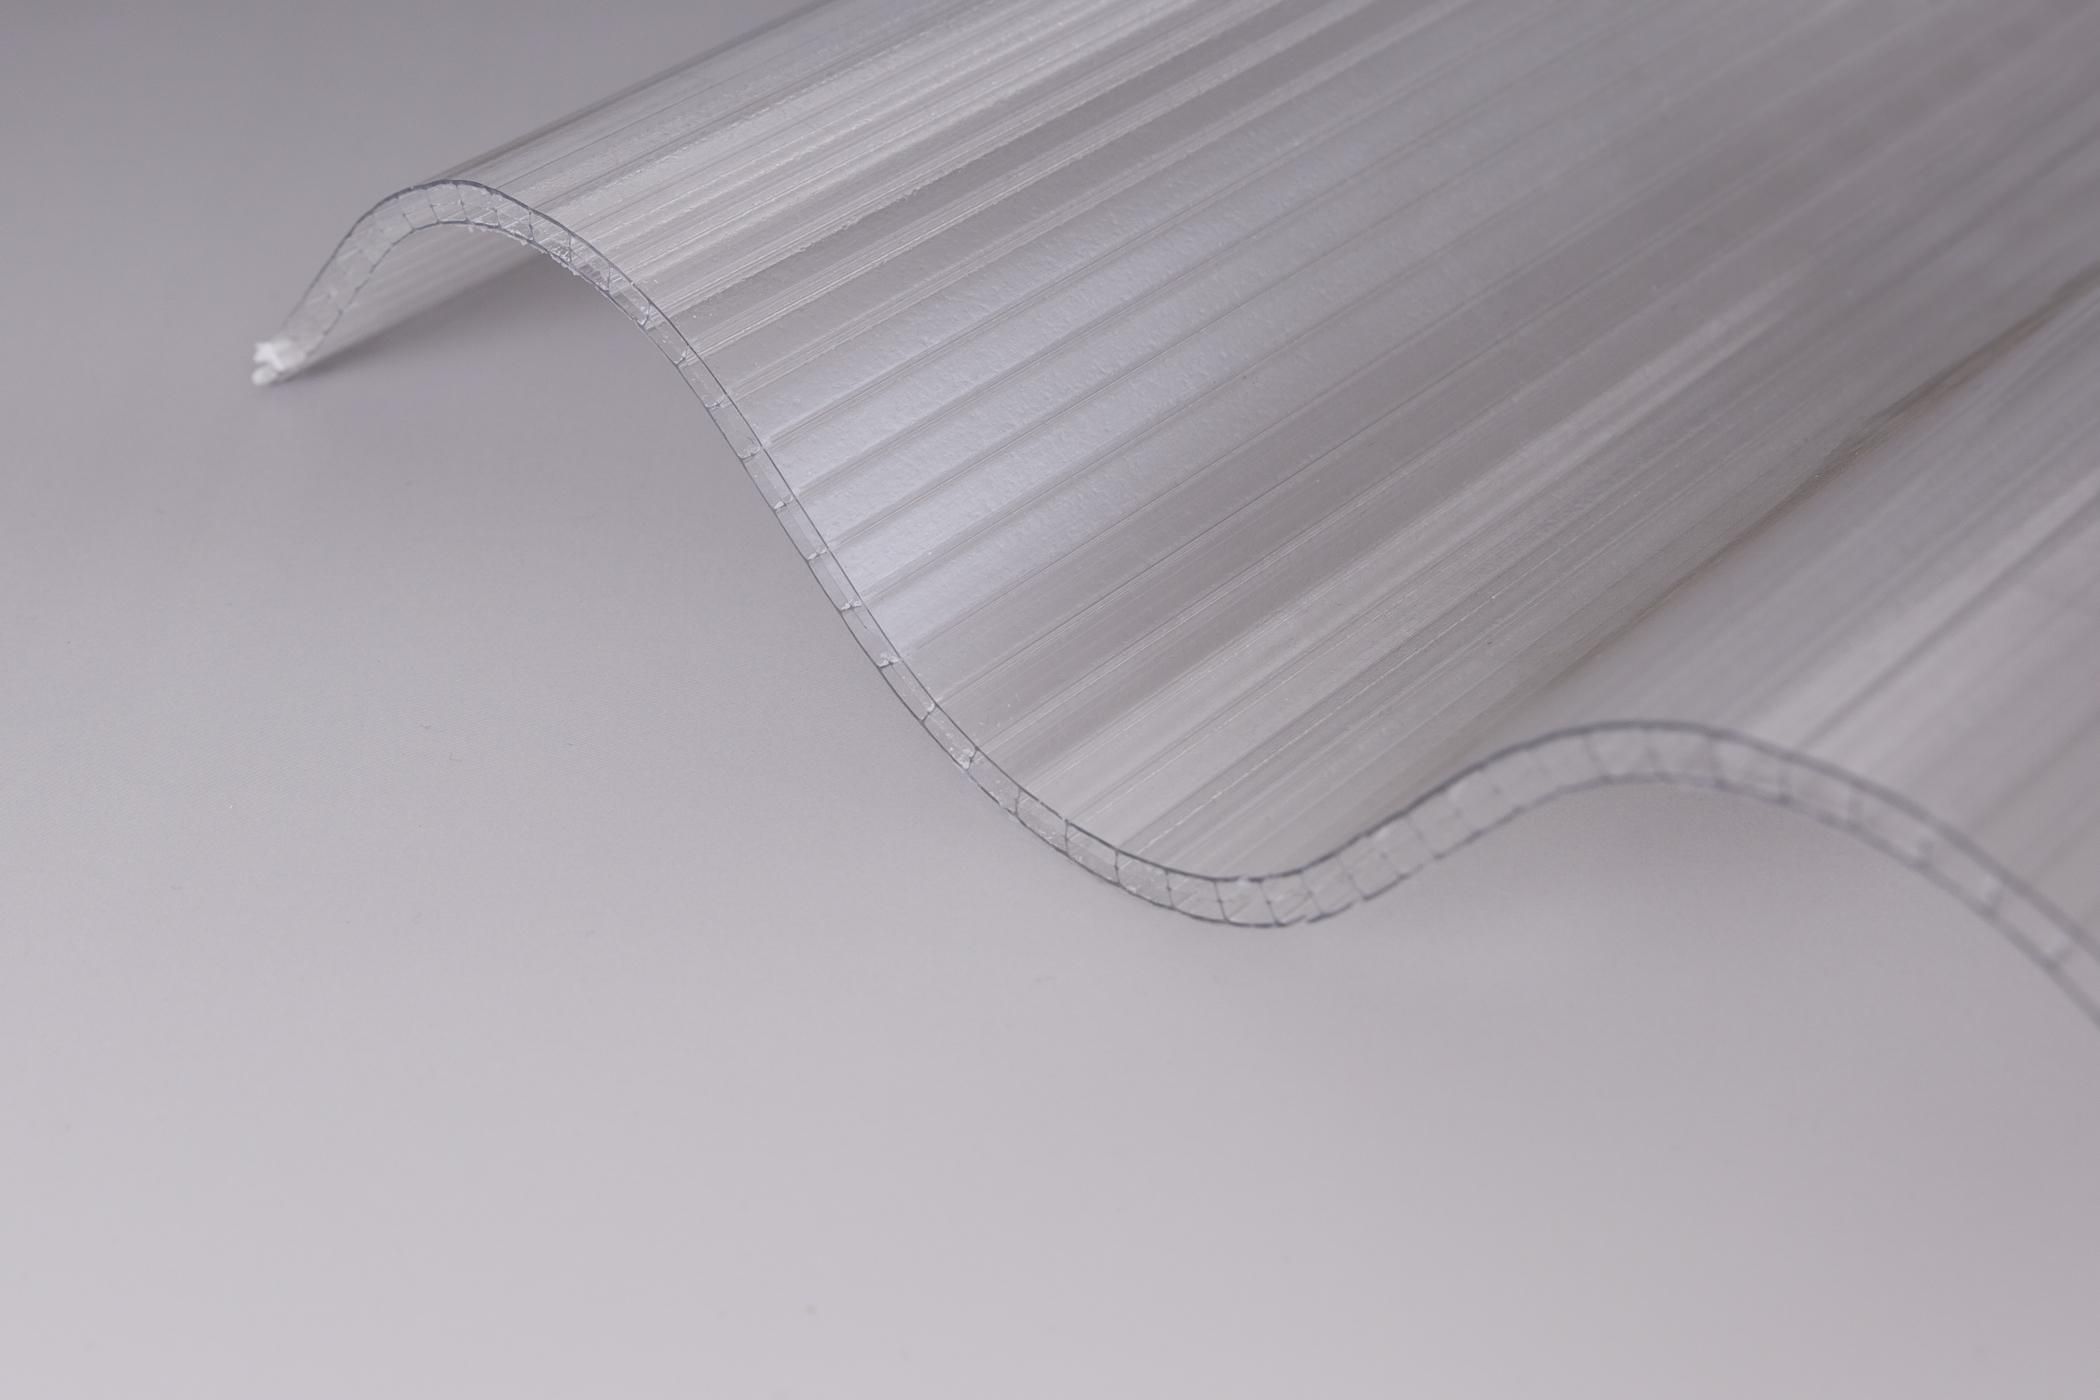 lichtplatte hohlkammer wellplatte 177 51 p5 klar in 6 mm polycarbonat qualit t hpm shop. Black Bedroom Furniture Sets. Home Design Ideas